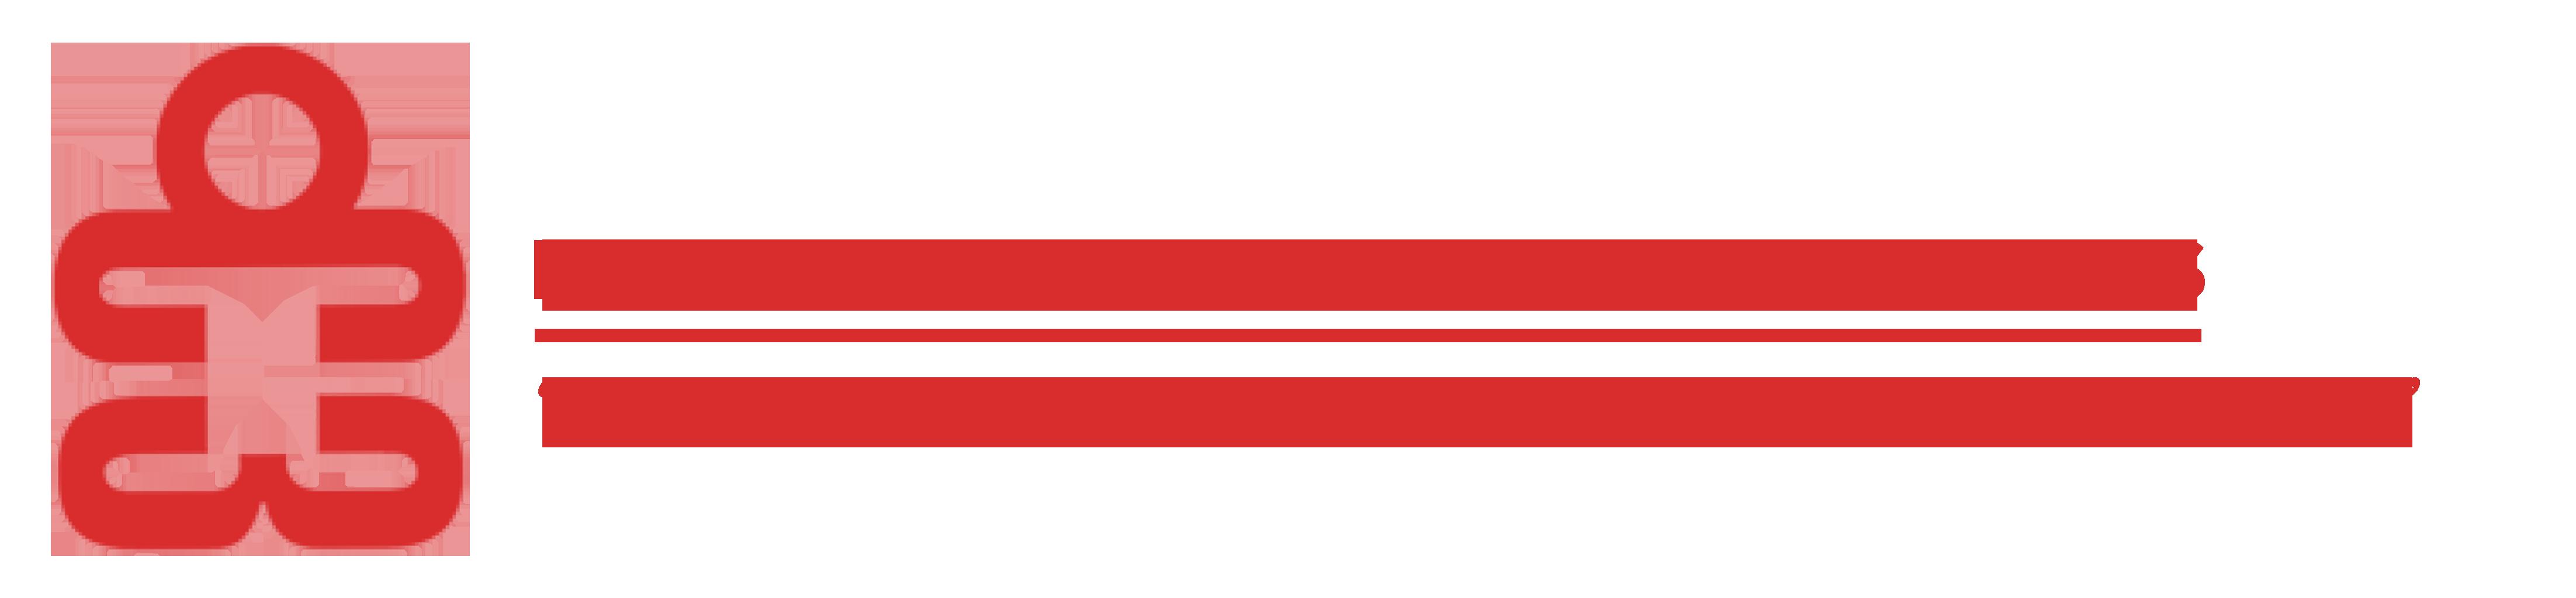 C3 Student Leadership